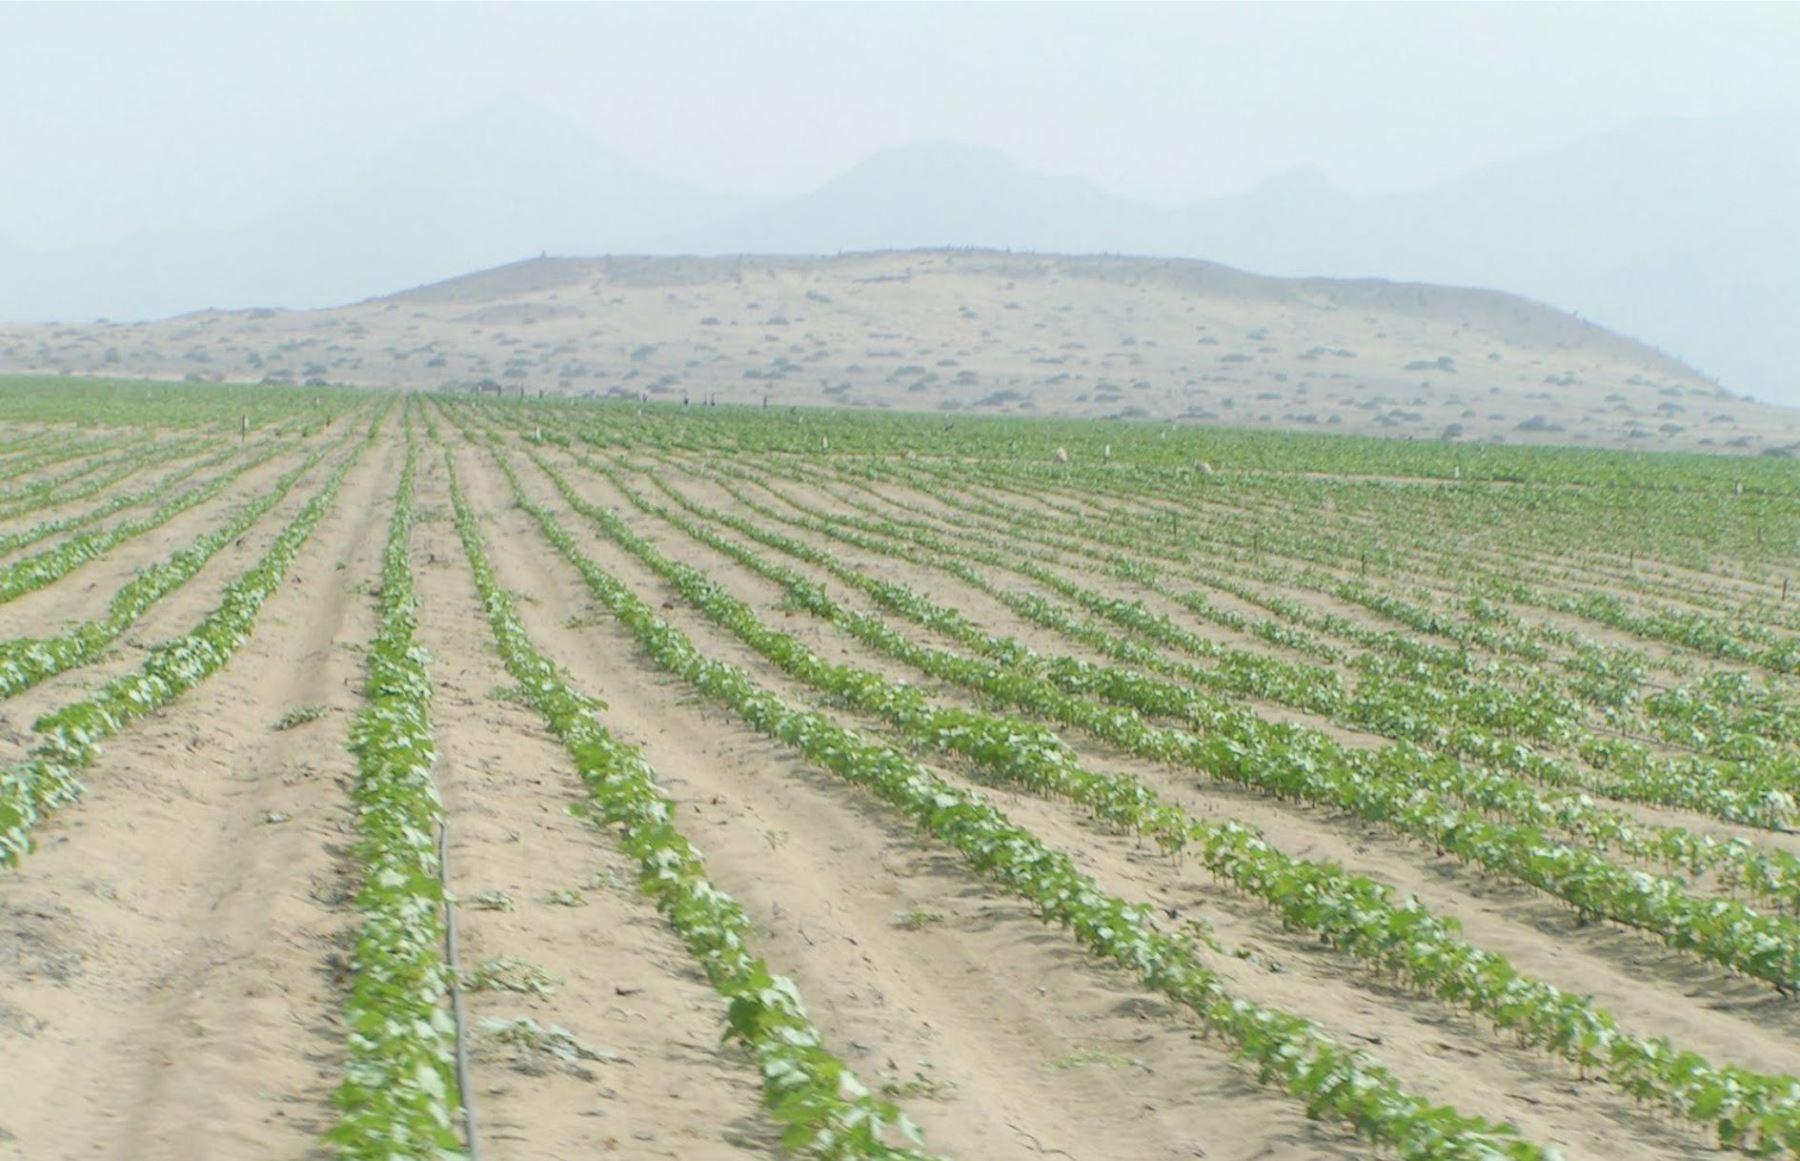 Continuidad del Proyecto Lomas de Ilo ampliará frontera agrícola en 5,000 hectáreas. INTERNET/Medios